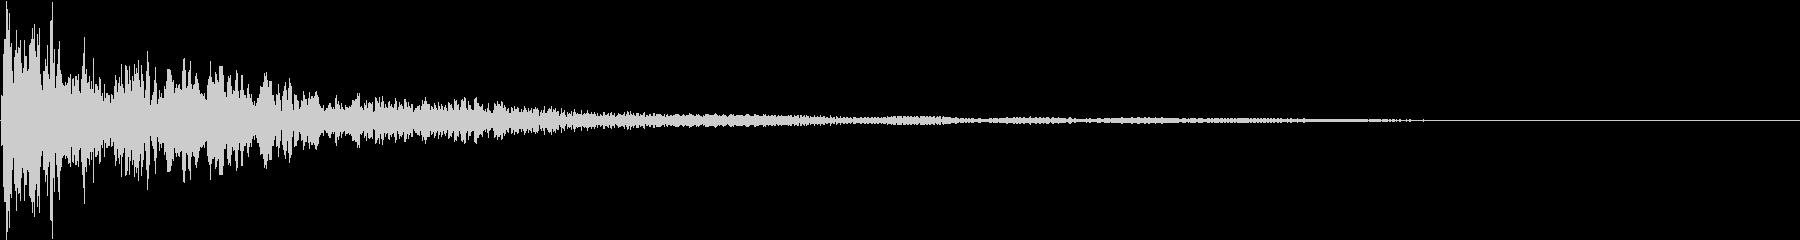 【ホラー】ヒット_32 ドーンッ・・・の未再生の波形